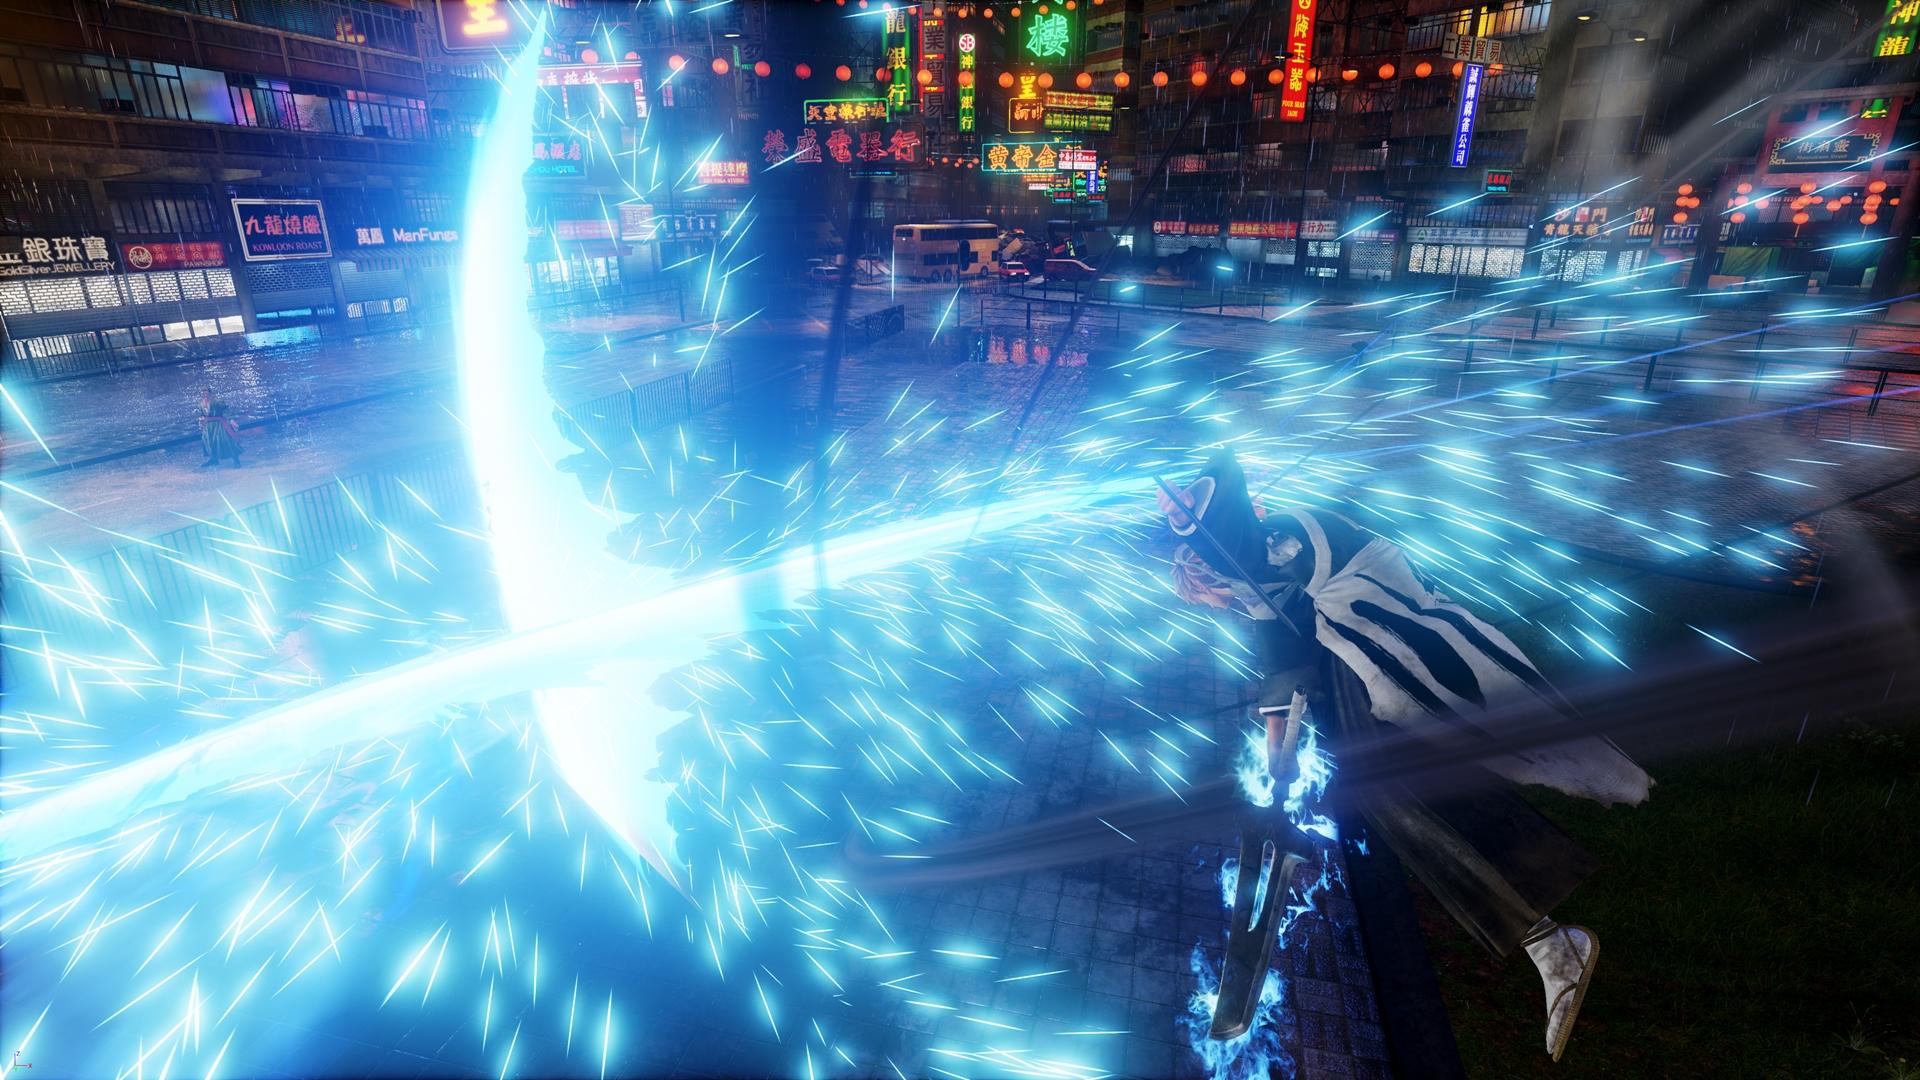 Ichigo, Aizen e Rukia, de Bleach, estarão em Jump Force e ganharam imagens